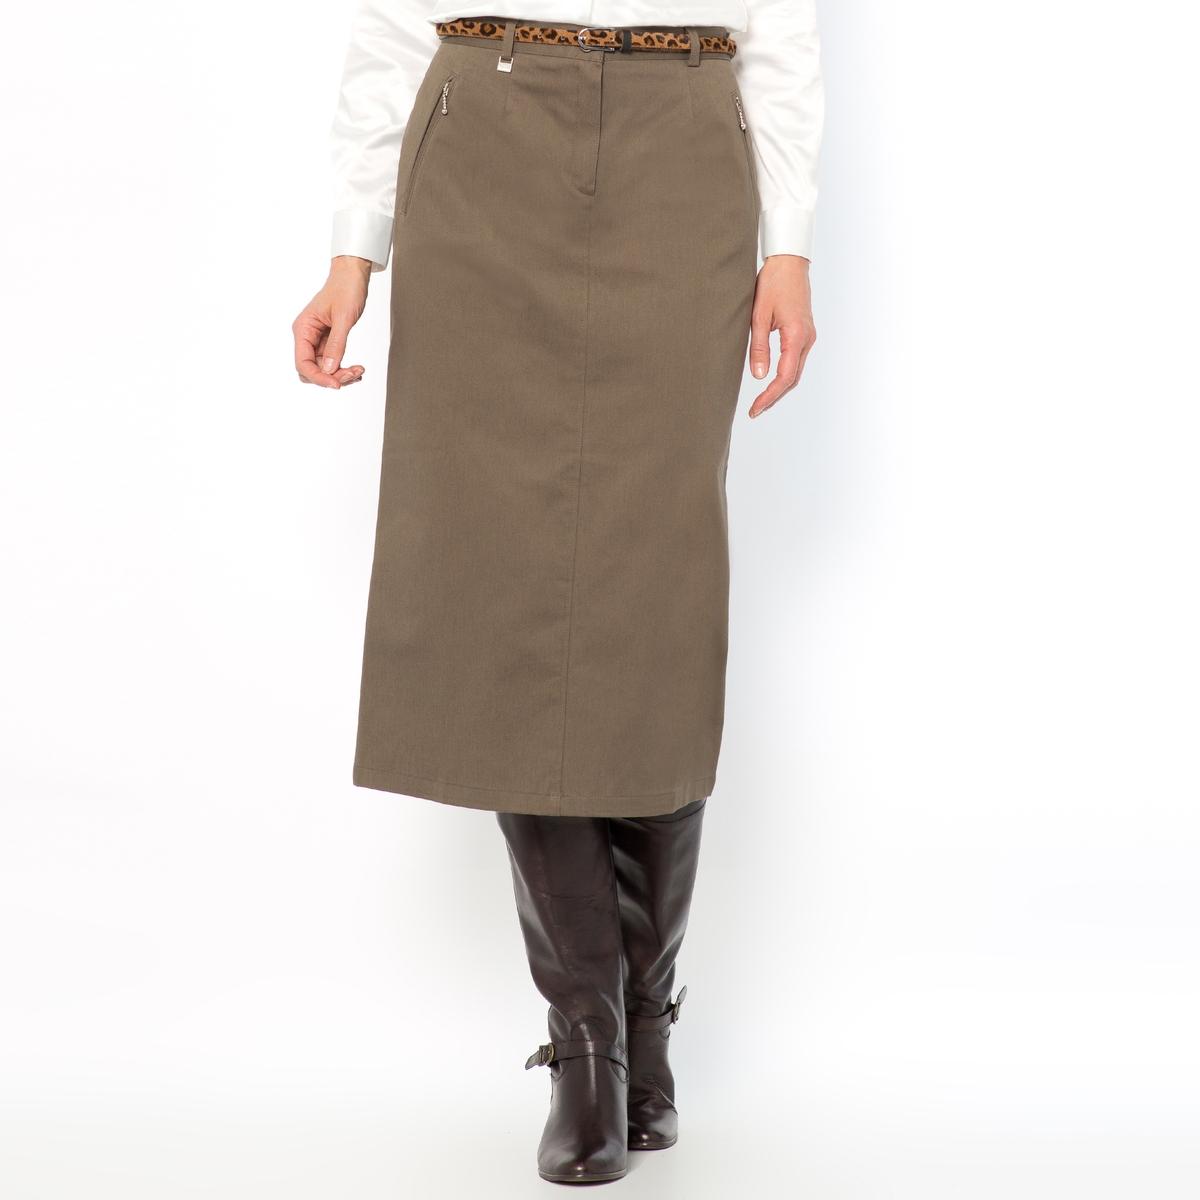 Юбка из хлопкового сатина стретч, длина. 75 смИдеальная юбка, если вам требуется долго оставаться в сидячем положении, легко носить. Состав и описание :Материал : комфортный хлопковый сатин, 98% хлопка, 2% эластана лайкра®. Длина 75 см.Марка : Anne WeyburnУход :Машинная стирка при 30 °С в умеренном режиме.Гладить при низкой температуре.<br><br>Цвет: каштановый,серо-коричневый,хаки,черный